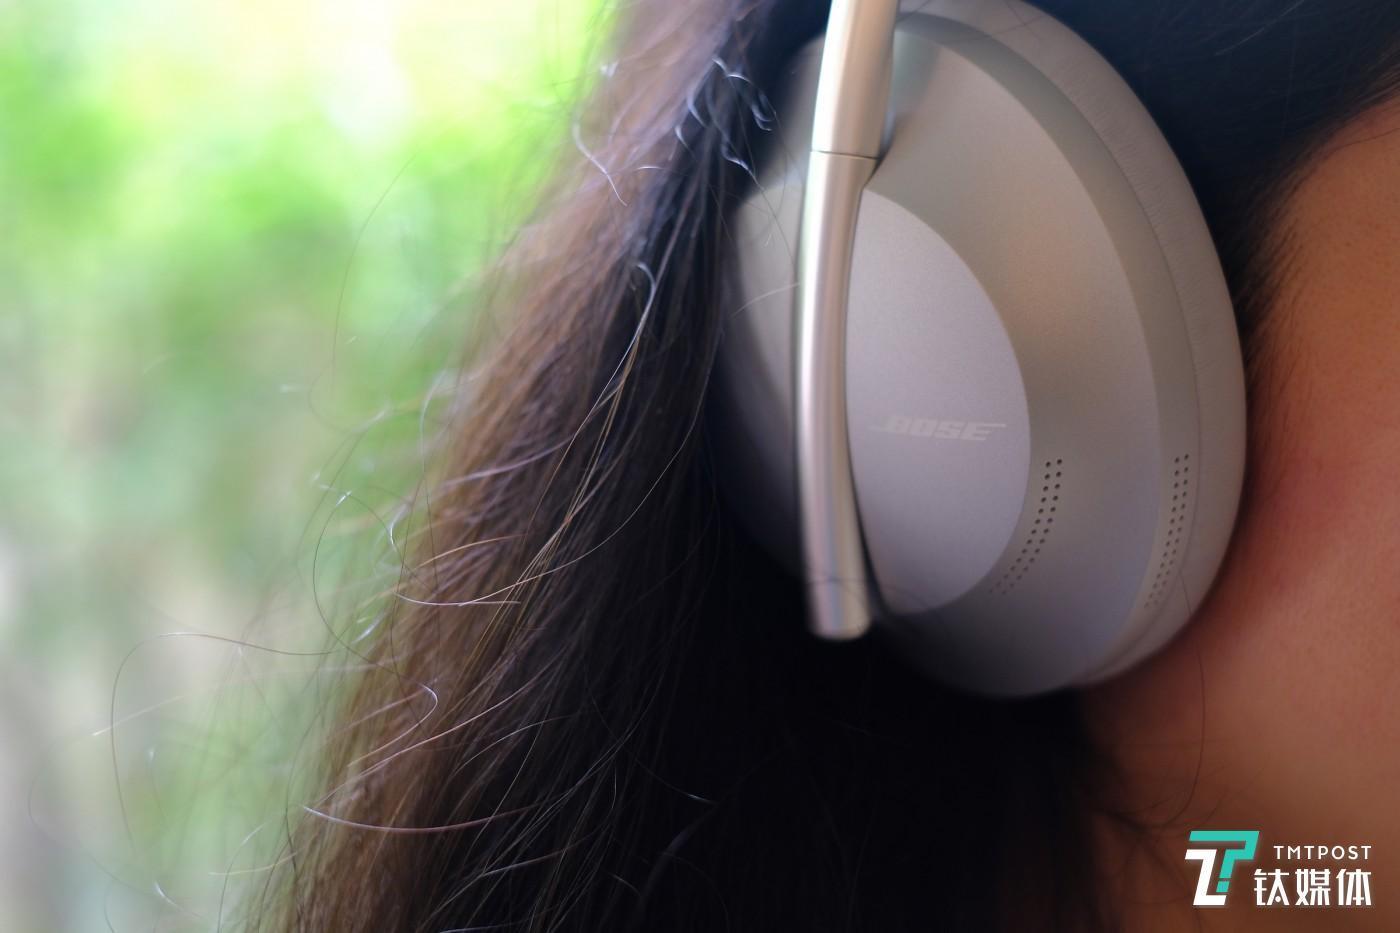 触控面板可以控制音量和播放